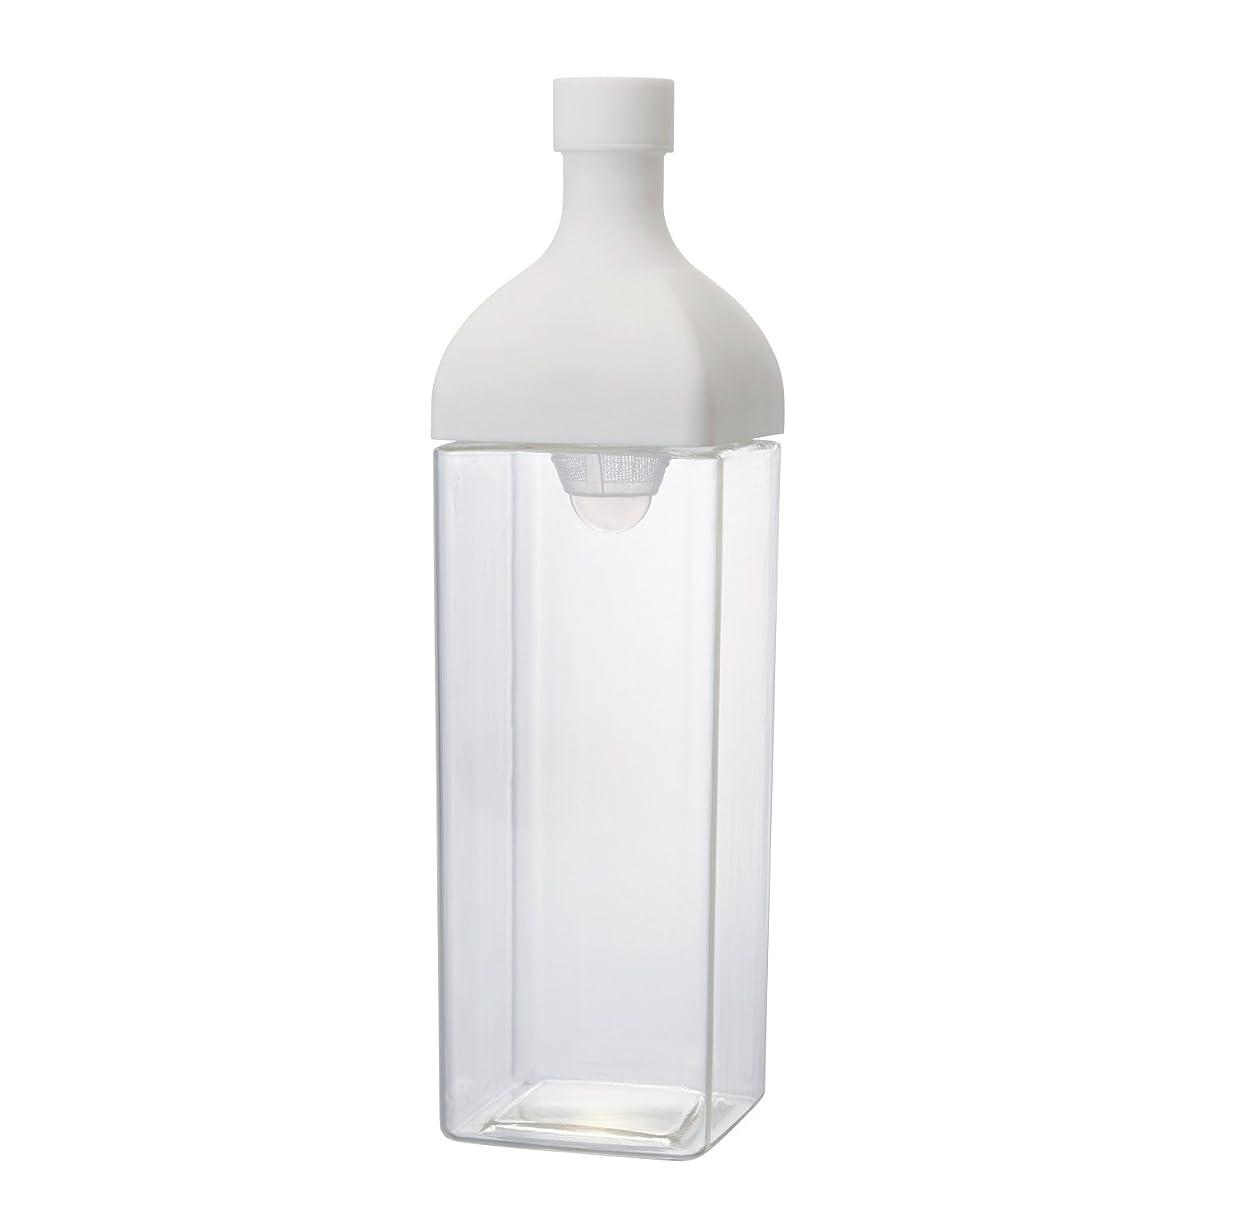 一方、トランジスタテセウスHARIO(ハリオ)  カークボトル スモーキー ホワイト 樹脂製 縦横 ピッチャー 茶こし付き KAB-120-W